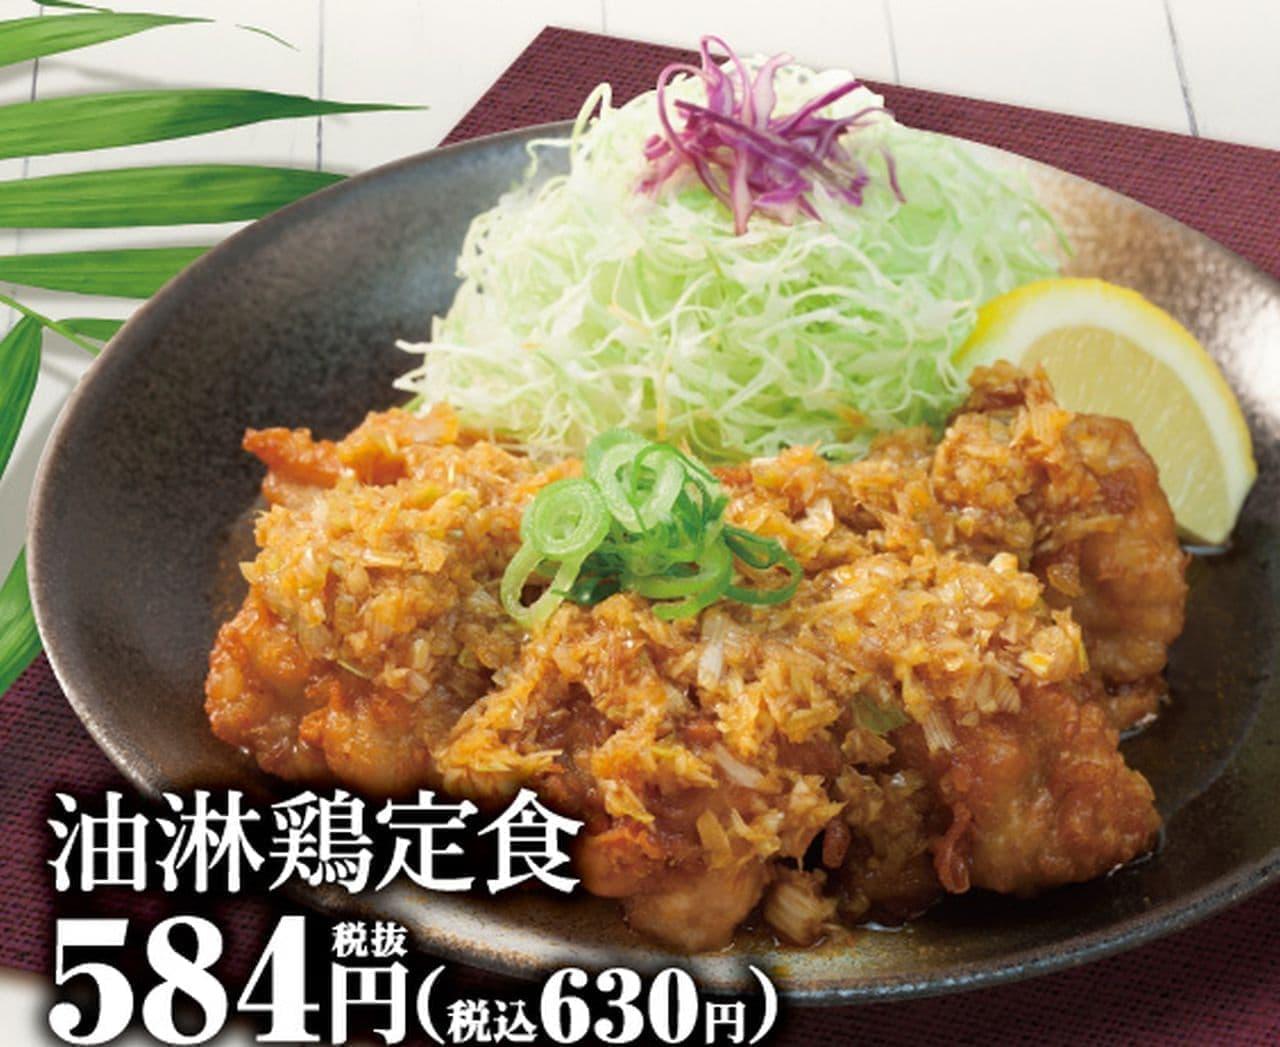 松のや「油淋鶏定食」